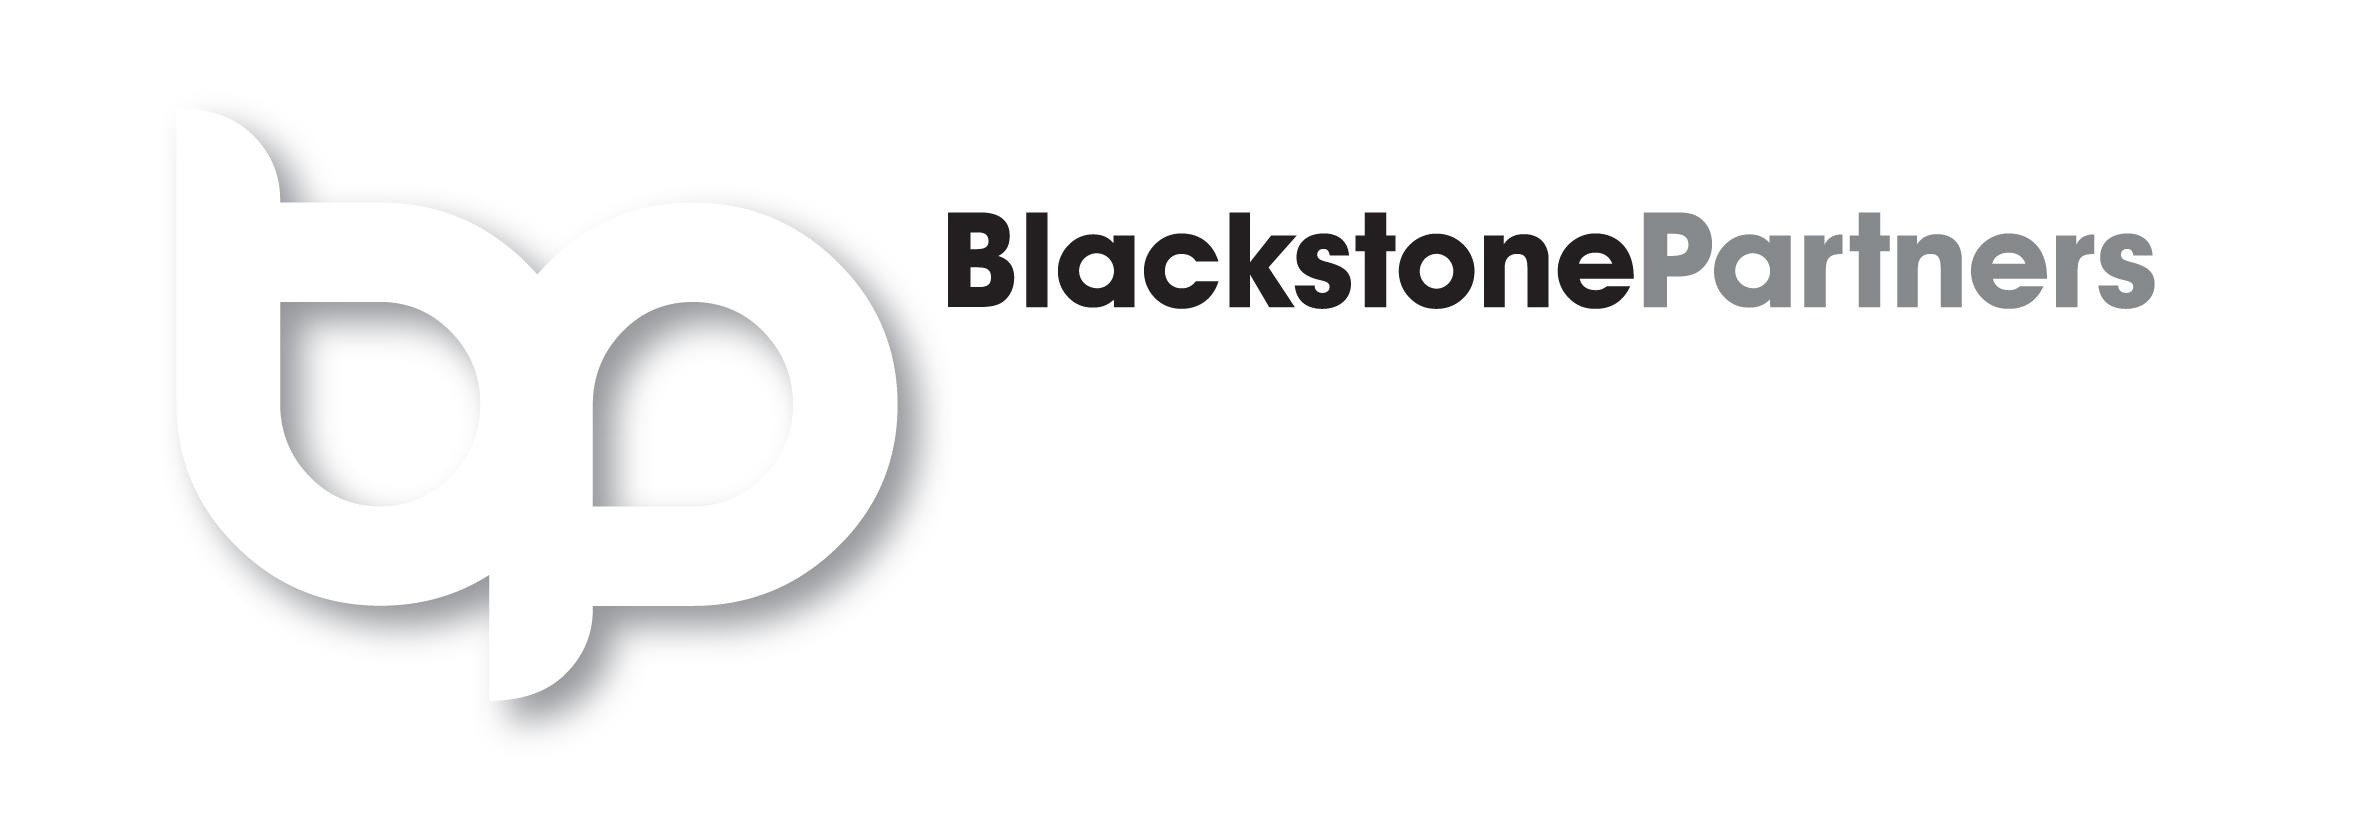 Blackstone Partners